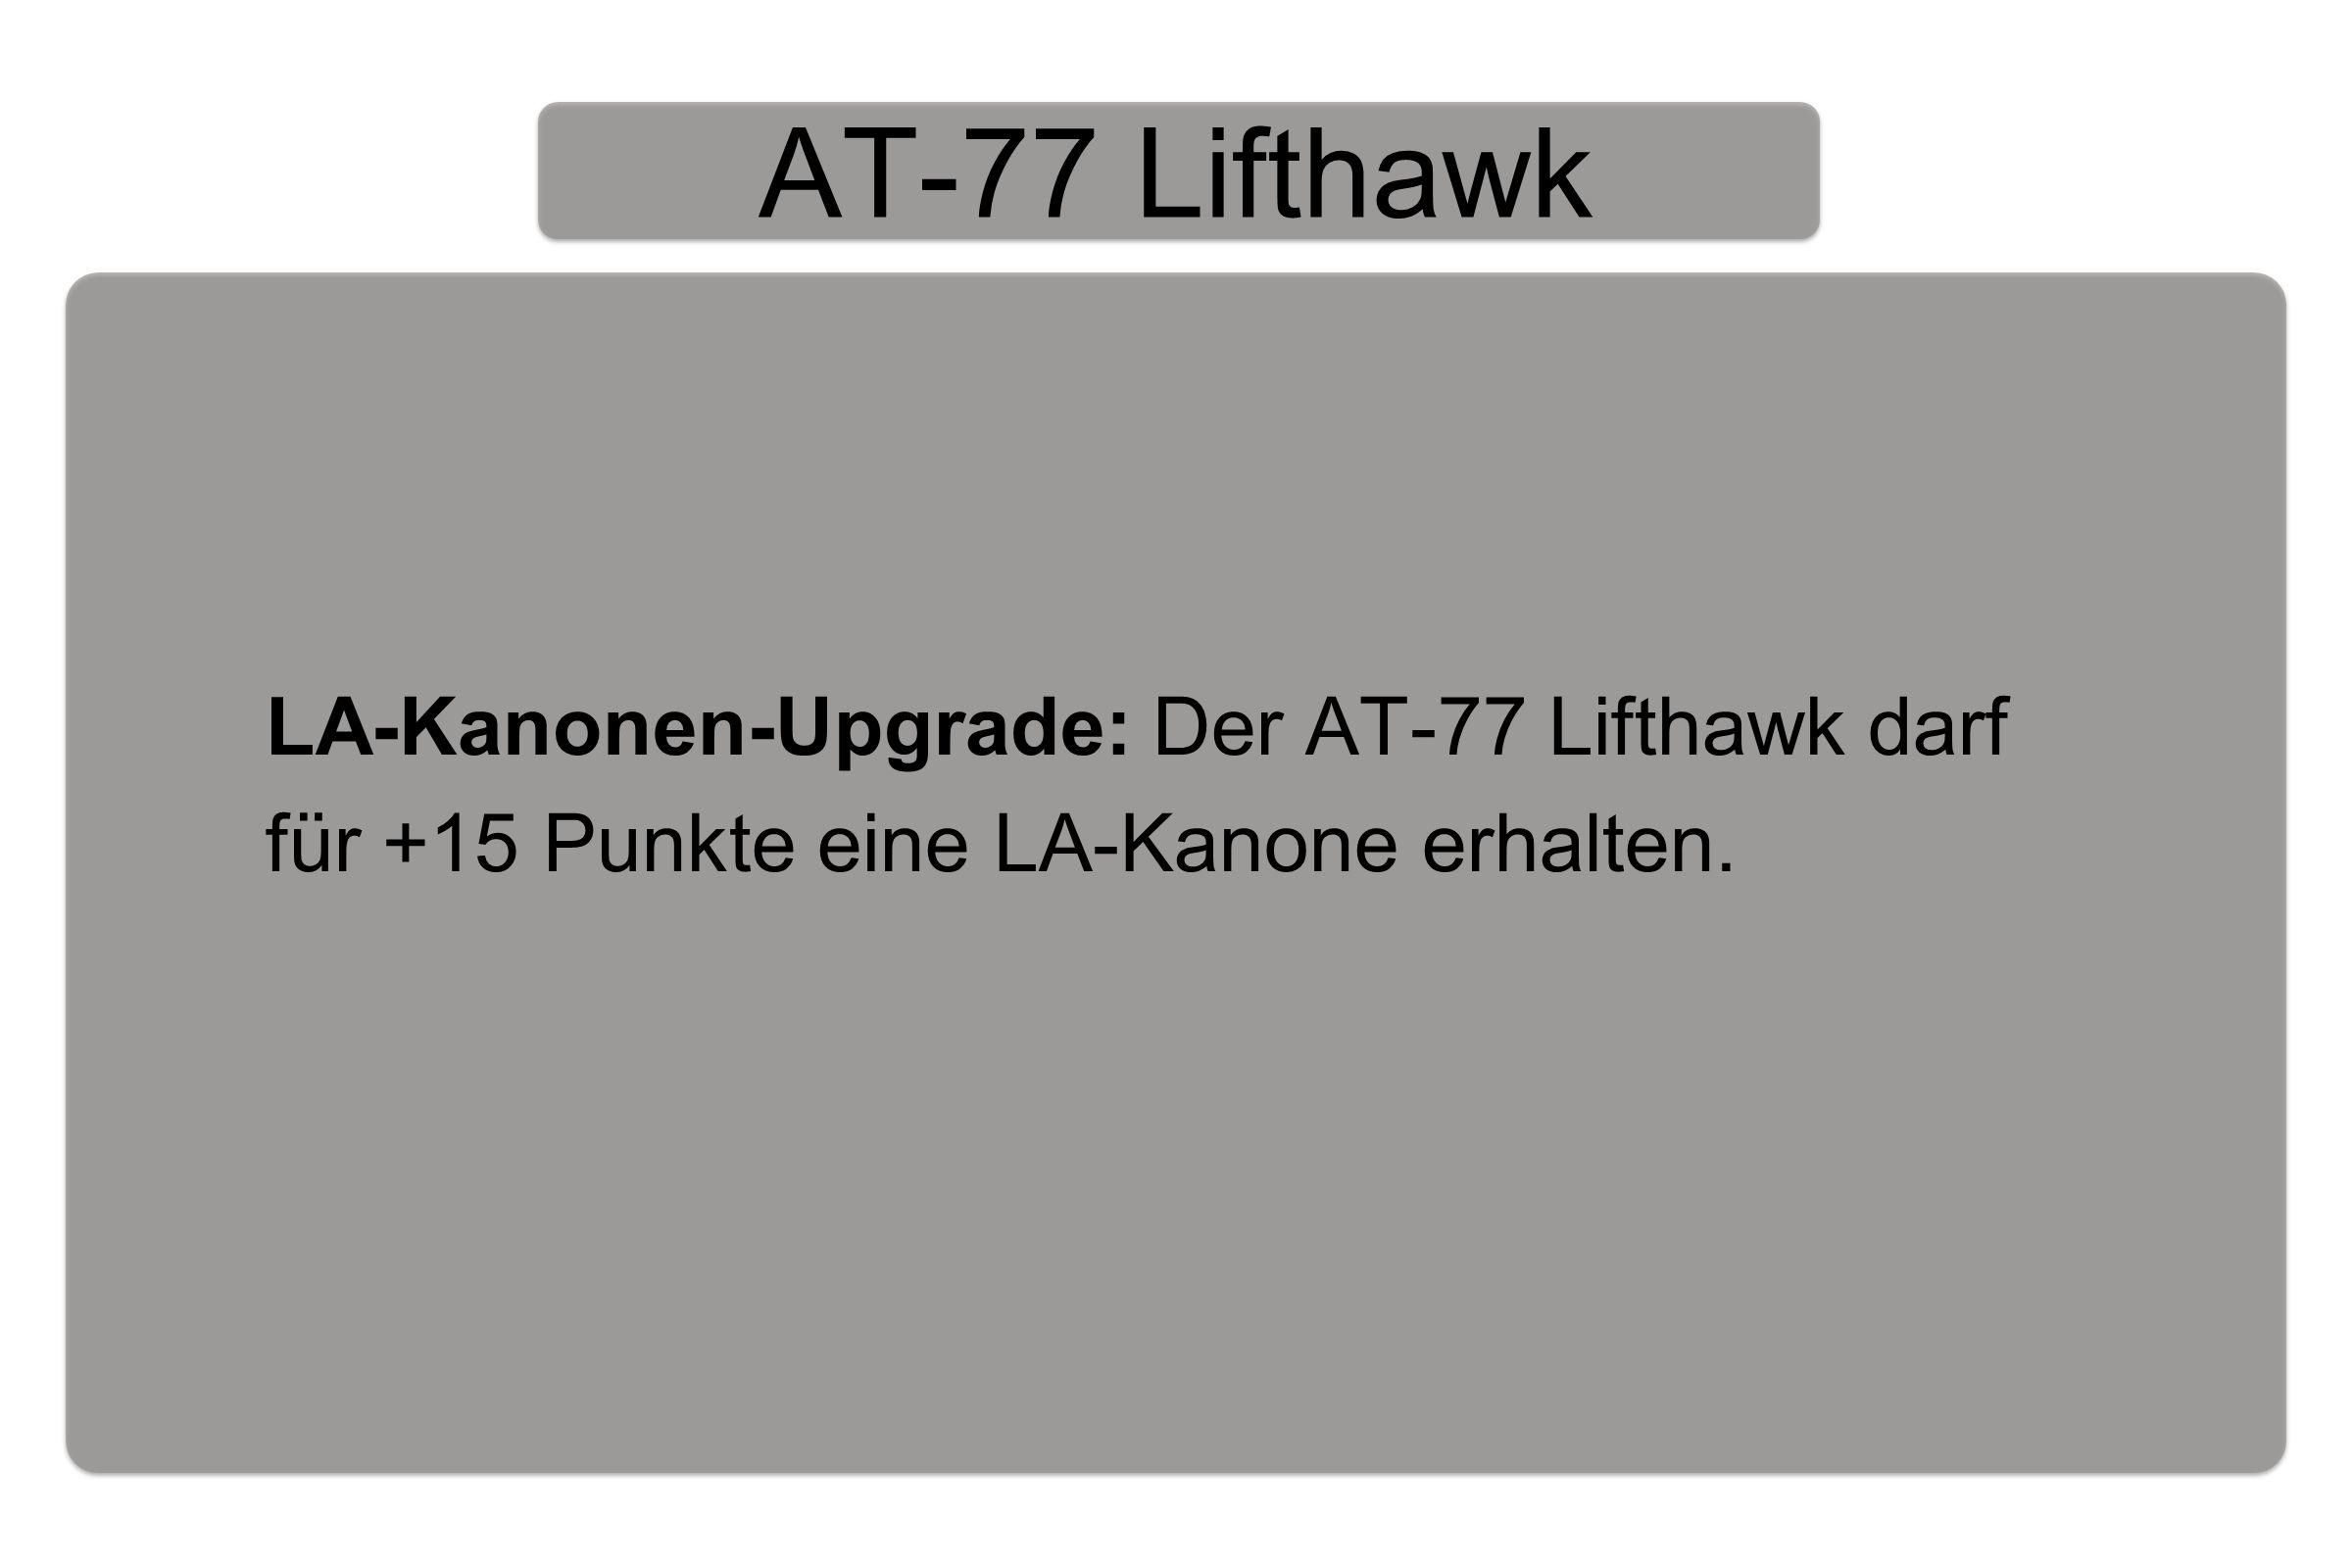 AT-77 Lifthawk LA-Kanonen-Upgrade: Der AT-77 Lifthawk darf für +15 Punkte eine LA-Kanone erhalten.